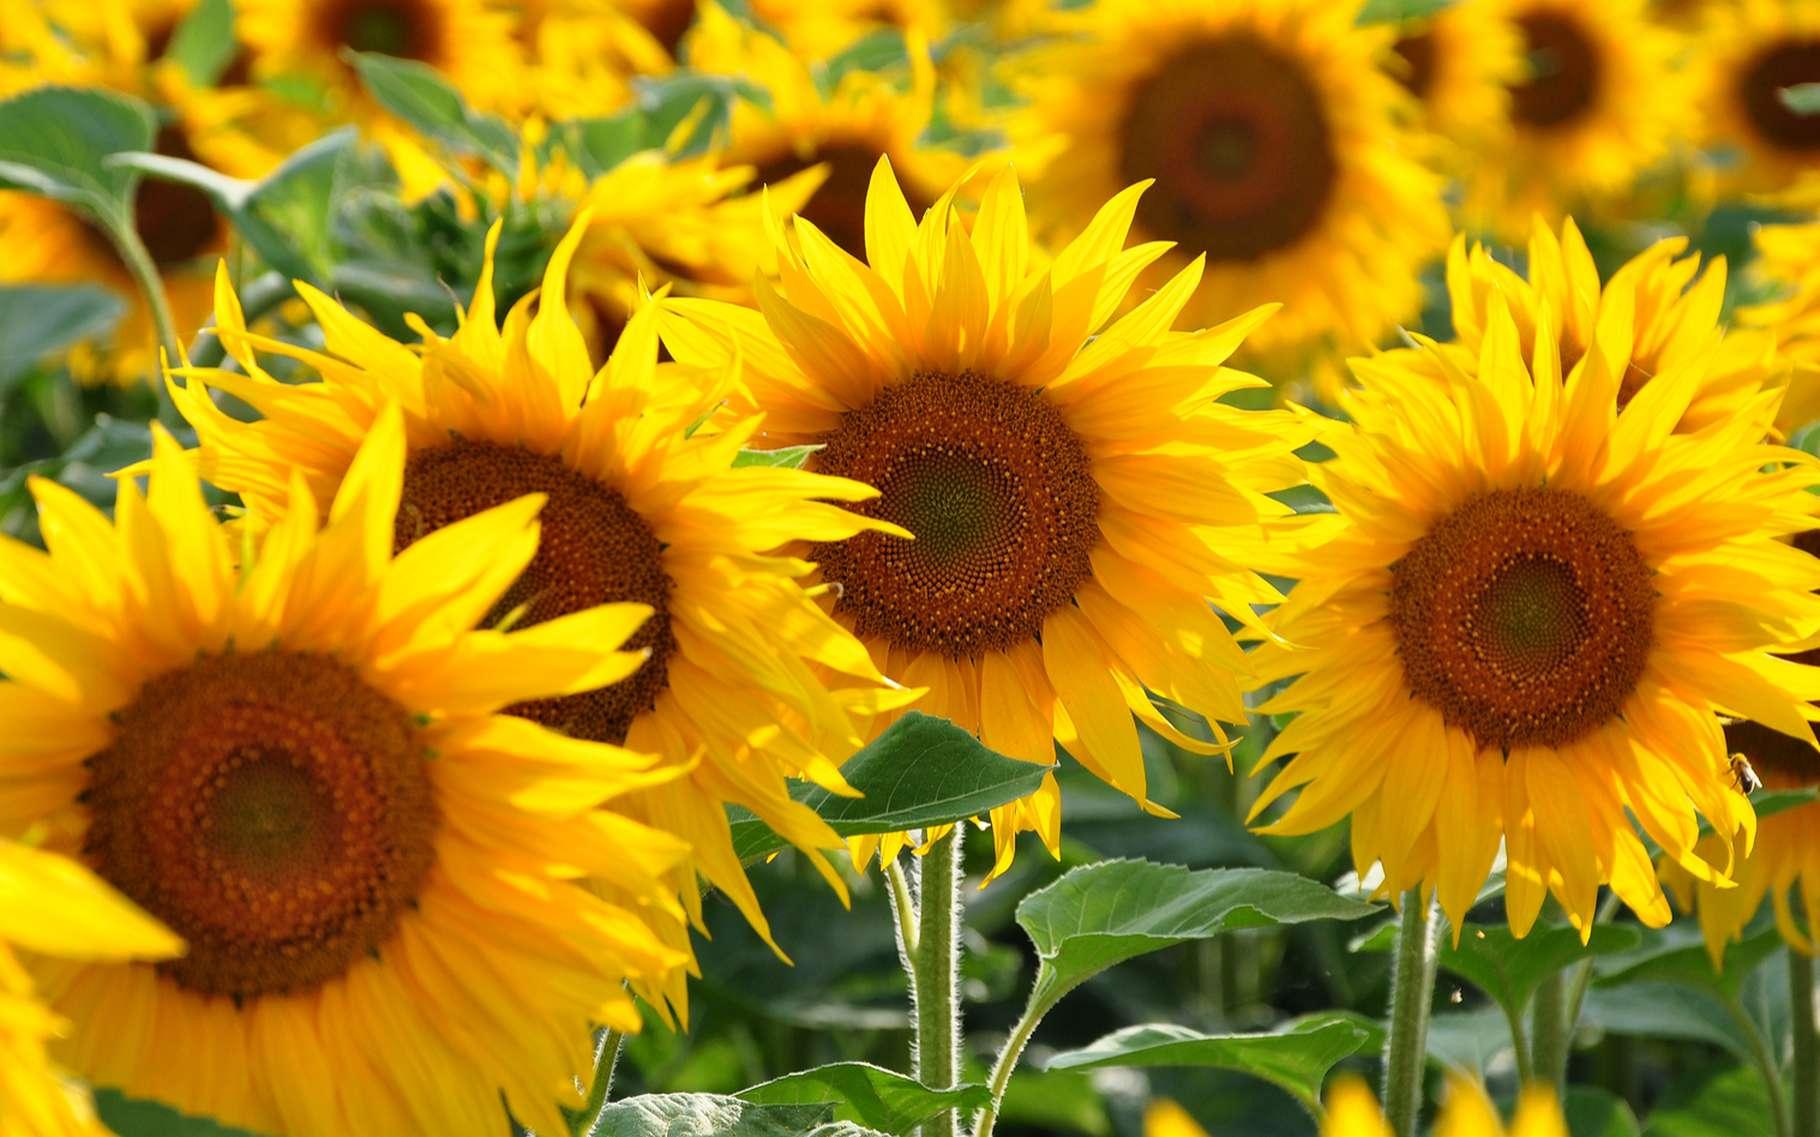 La culture du tournesol est plus sensible à la qualité du sol qu'à la qualité des engrais. © salajean, Shutterstock